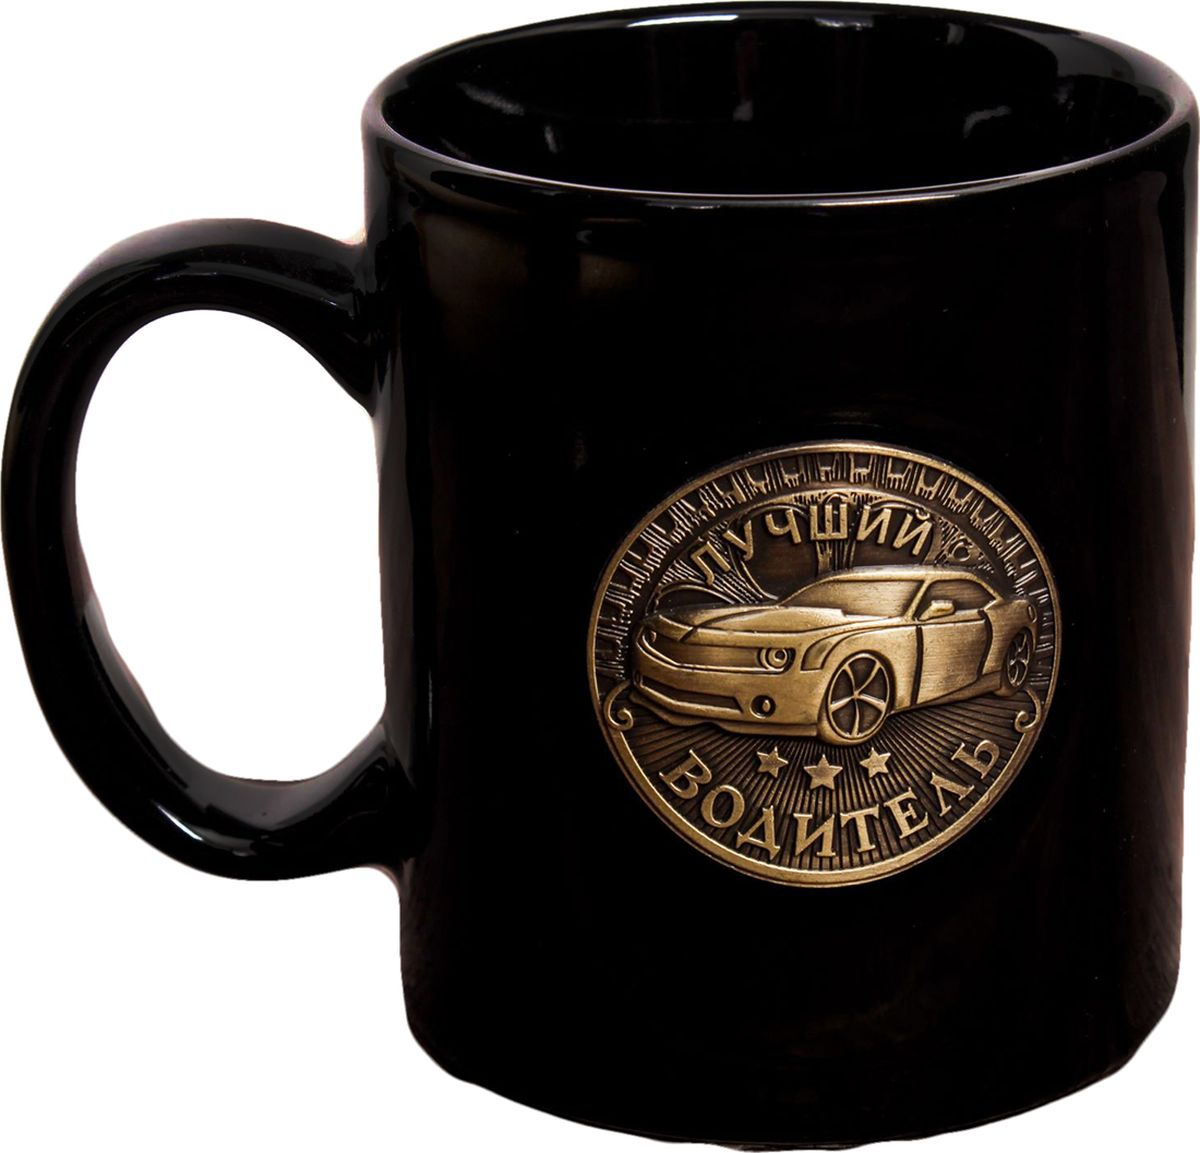 Кружка Лучший водитель, с бляхой, цвет: черный, 300 мл2393800Авторский дизайн, оригинальный декор, оптимальный объём — отличительные черты этой кружки. Налейте в неё горячий свежезаваренный кофе или крепкий ароматный чай, и каждый глоток будет сокрушительным ударом по врагам: сонливости, вялости и апатии!Изделие упаковано в подарочную картонную коробку.